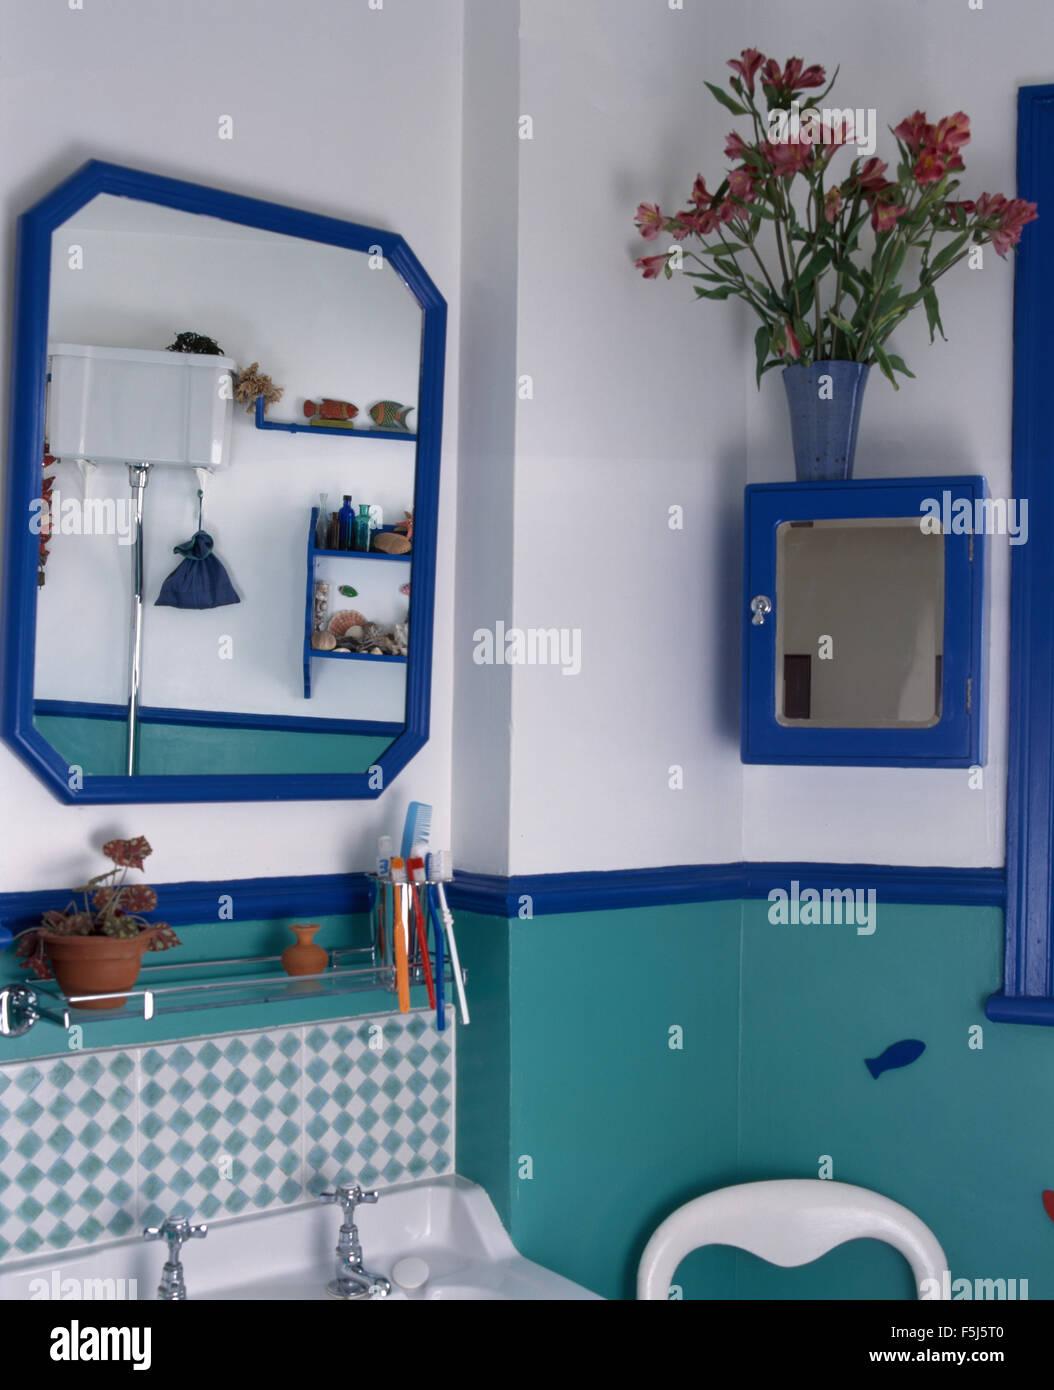 Spiegel über dem Waschbecken im Bad Türkis und weiß ...